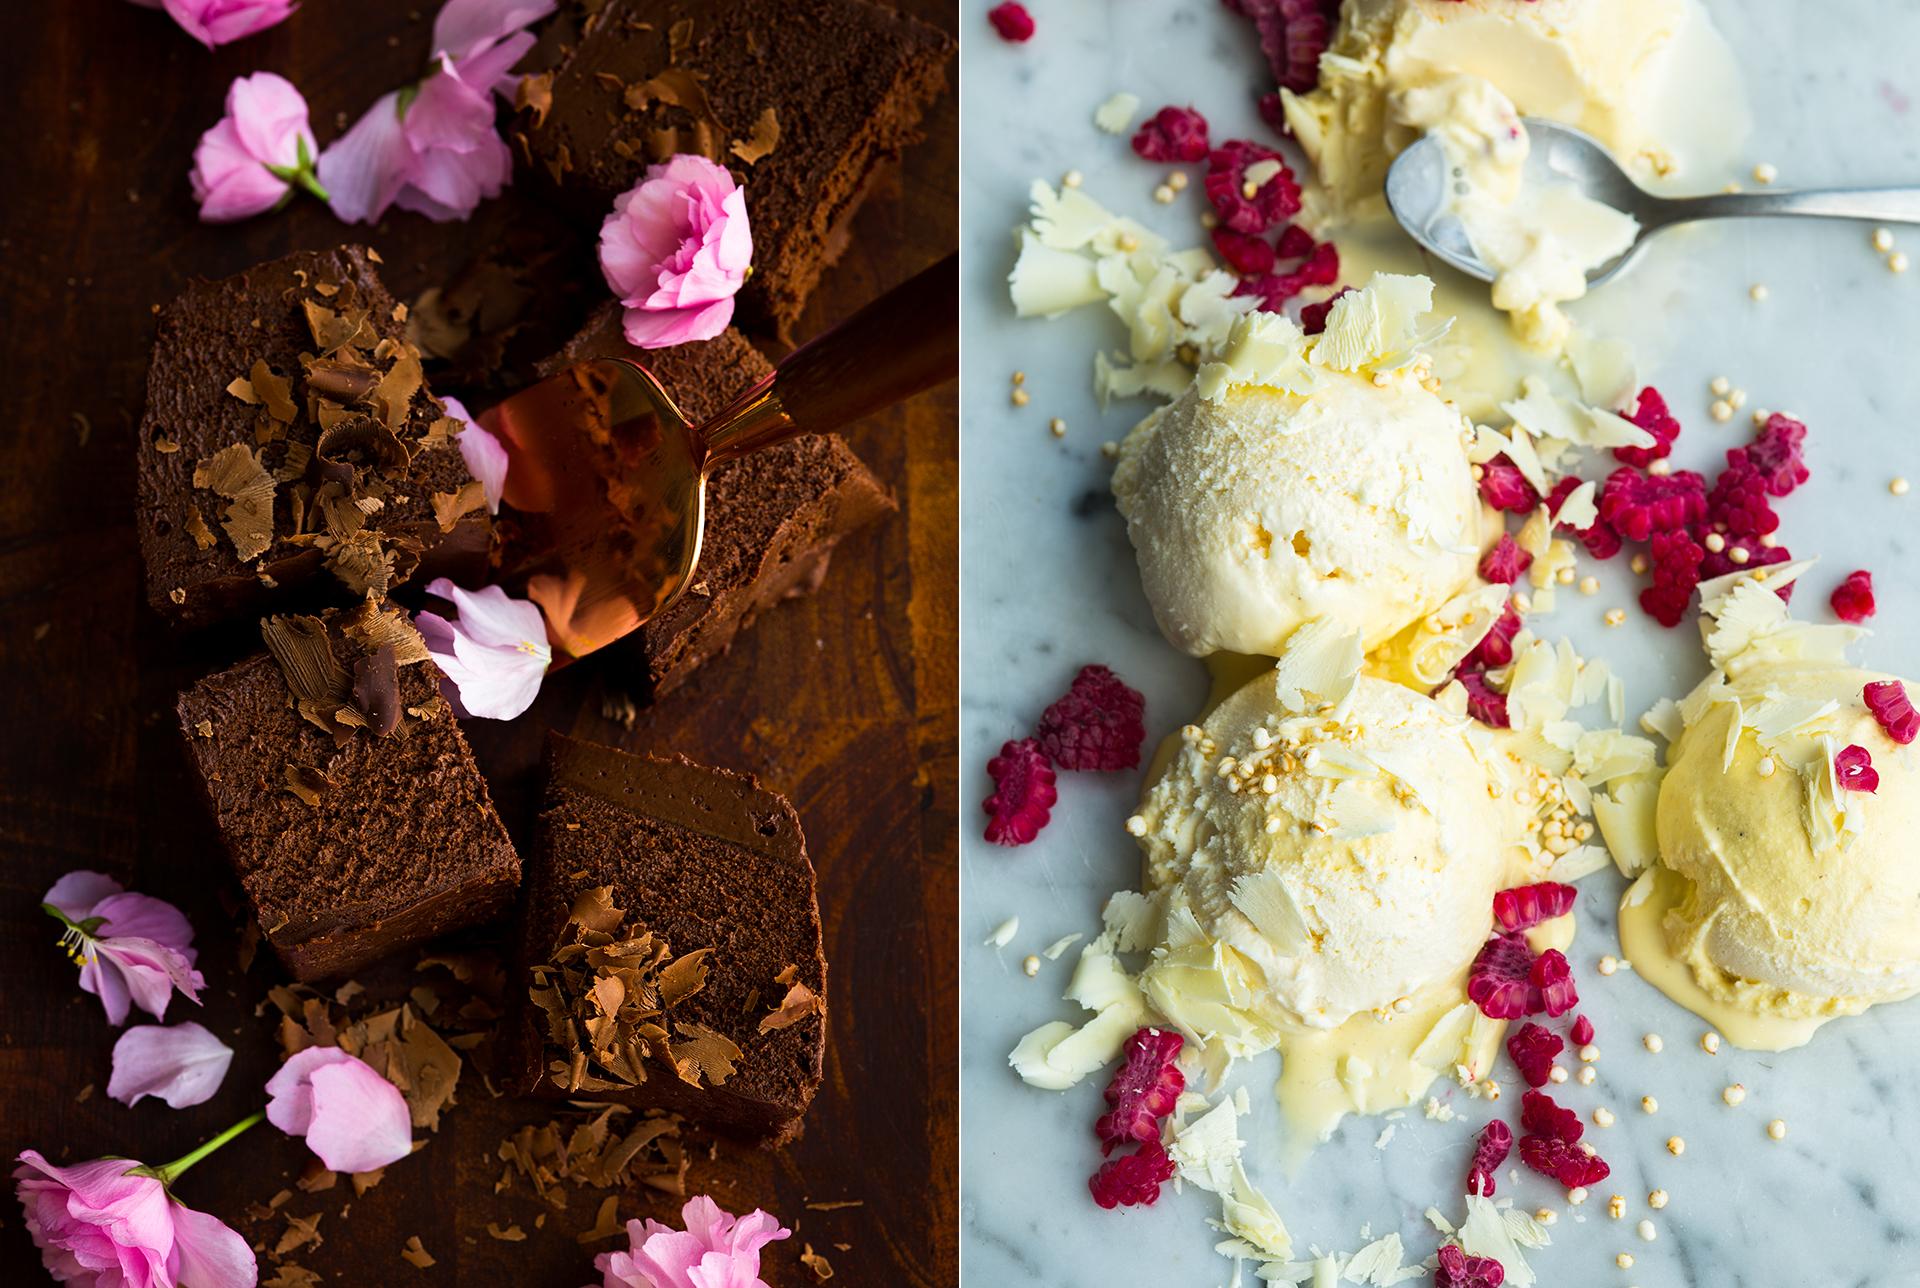 Schokoladeneis mit Schokoladenspaene und Rosenblaettern. Vanilleeis mit gepufften Quinoa und gefrorenen HImbeerstueckchen